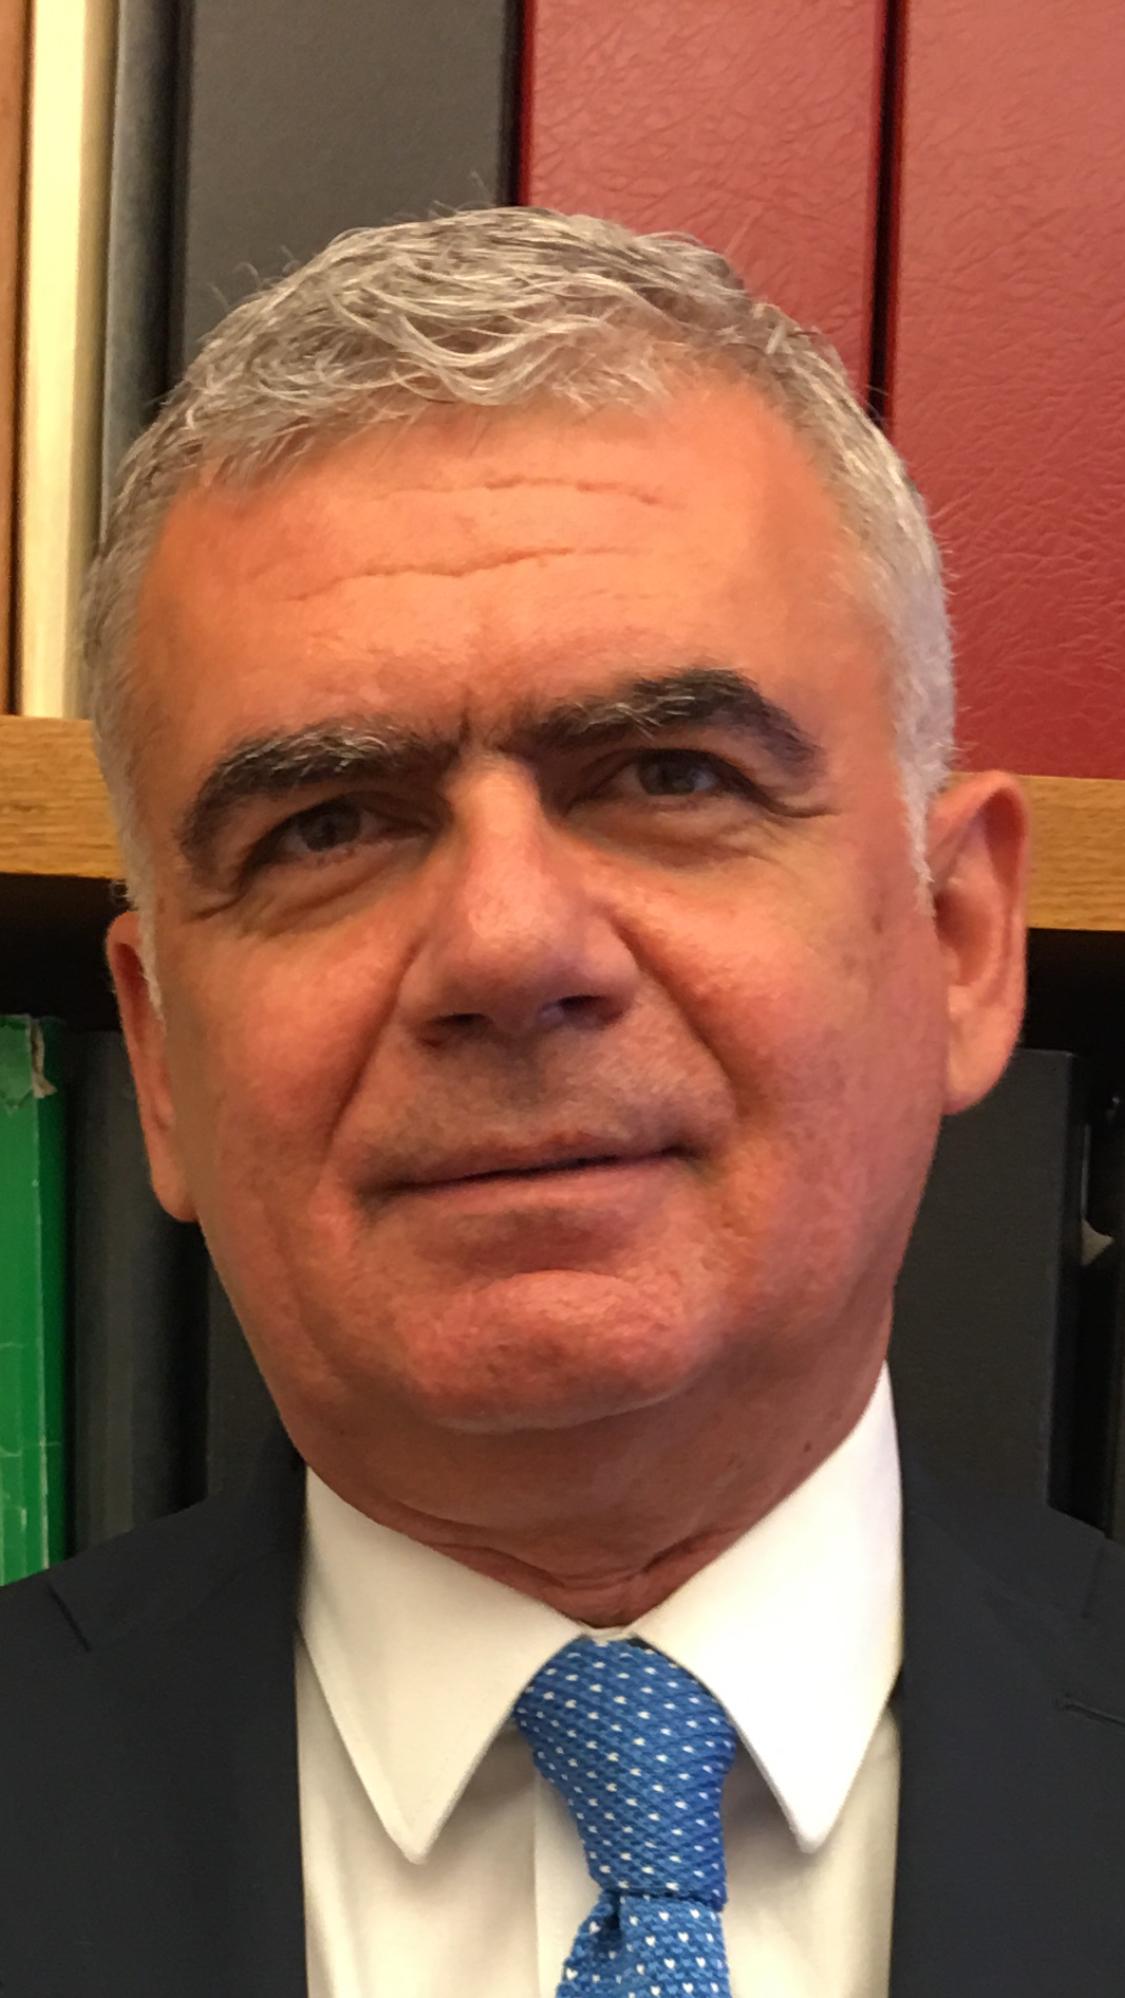 Παραίτηση Περάκη από το ΔΣ του Δικηγορικού Συλλόγου Αθηνών με καταγγελίες για «παζάρια» και «συμφωνίες» – Νέο ΔΣ σήμερα